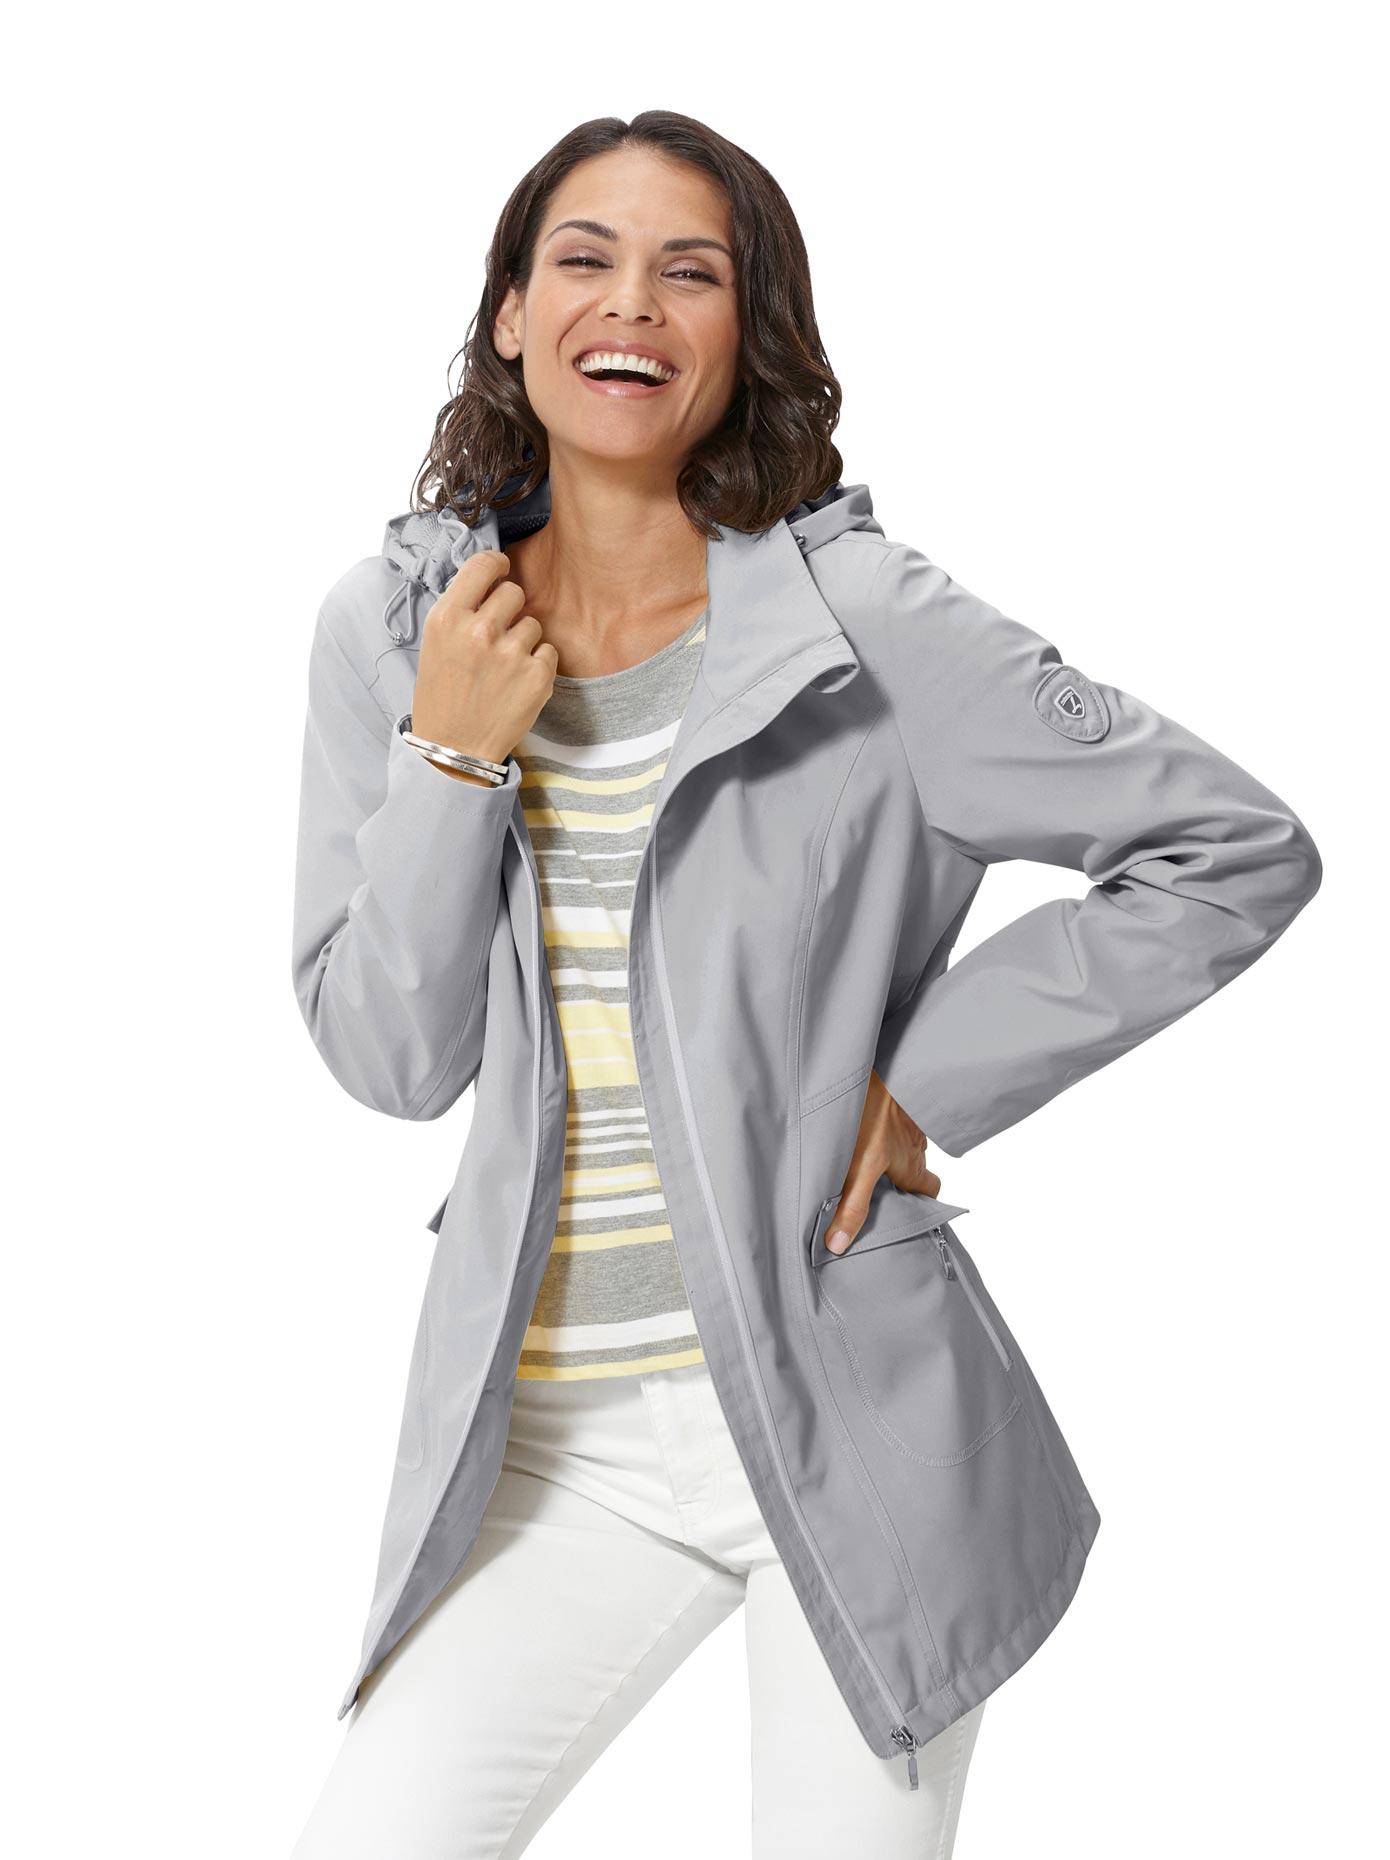 Casual Looks Softshelljacke mit abknöpfbarer Kapuze | Bekleidung > Jacken > Softshelljacken | Casual Looks